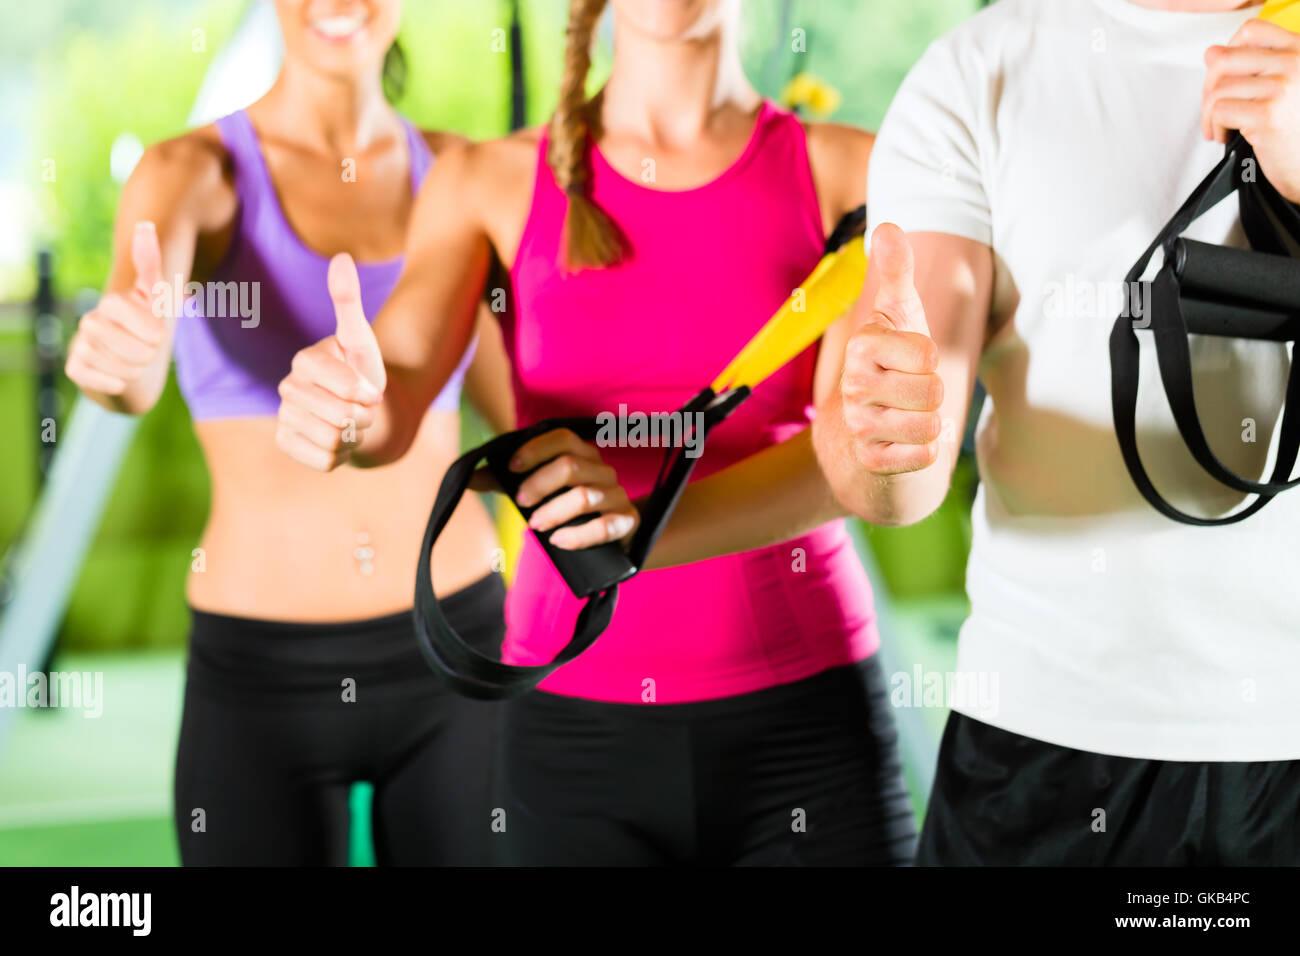 Gimnasio - gente feliz delante del deporte Imagen De Stock